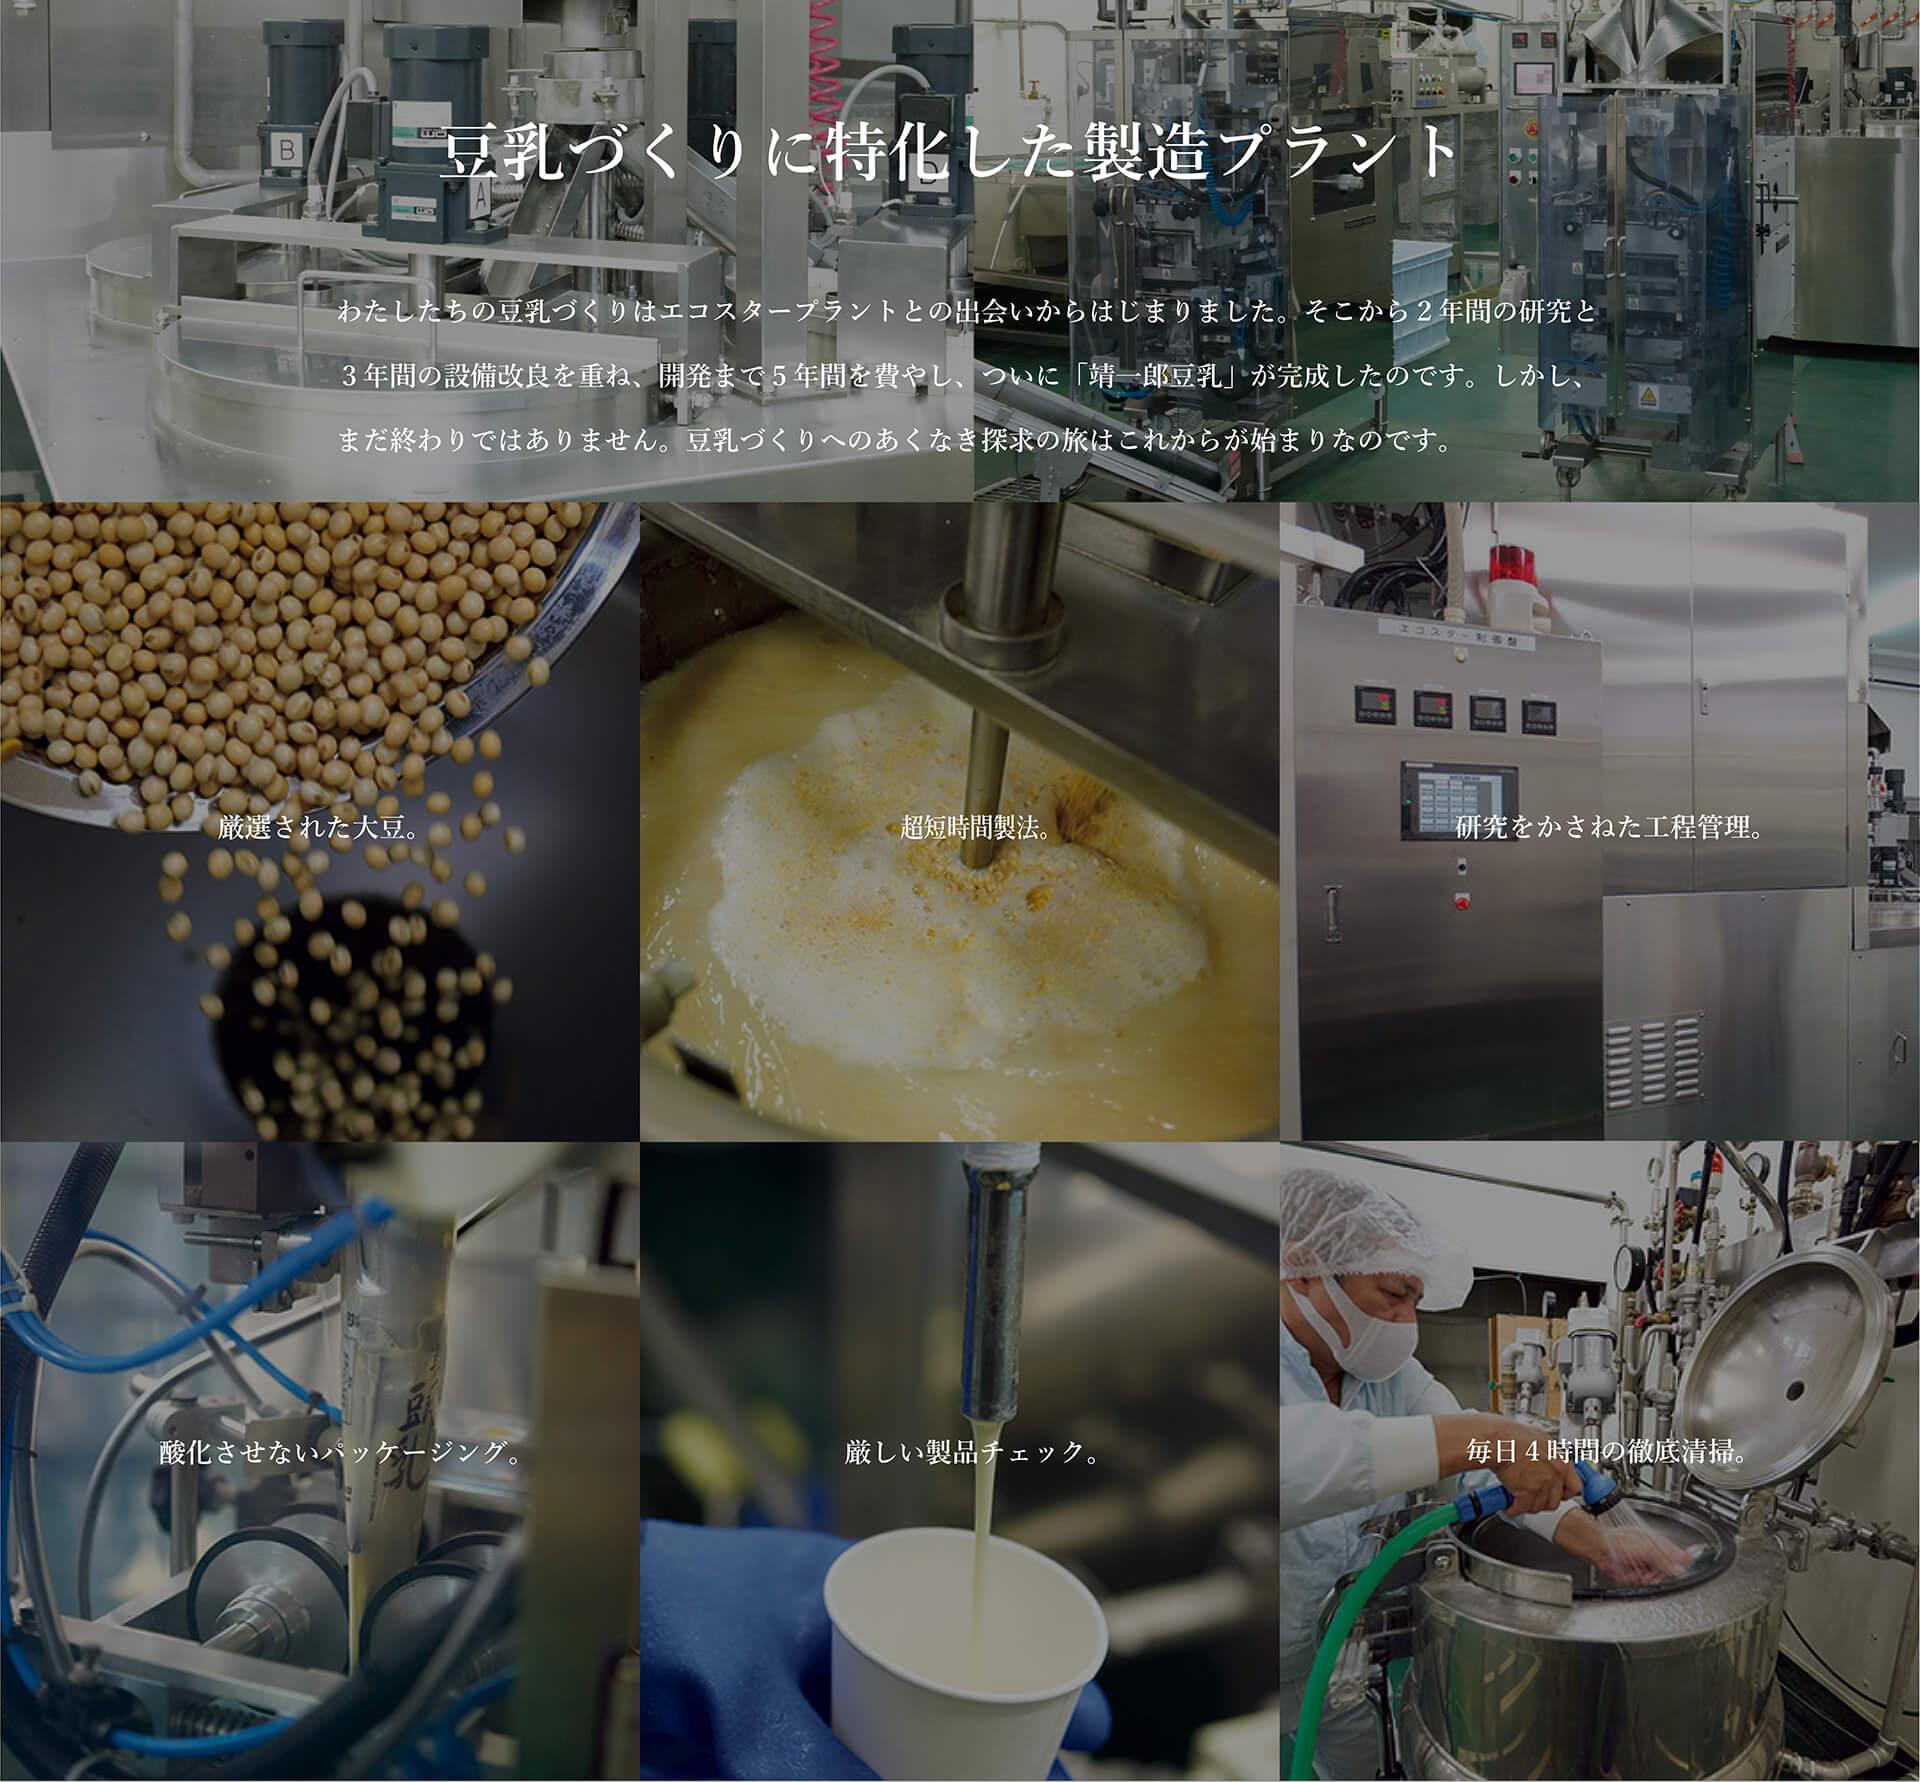 豆乳作りの概念を一新するプラント。佐賀県産のフクユタカをご存知の方は、素材にくわしい方です。数ある佐賀県産の大豆品種のなかでも、フクユタカは最高峰と認められています。その一粒一粒にはタンパク質の含有量が多く含まれ、糖質とのバランスもよく、くせが少なくまろやかで甘みもあるという、大豆本来の旨味を持っているからです。しかも生産量は限られているので稀少な大豆として、本物を志向する製造者が求めてやまないフクユタカ。靖一郎豆乳はフクユタカのなかでも大粒のものを厳選して100%使用して作っています。